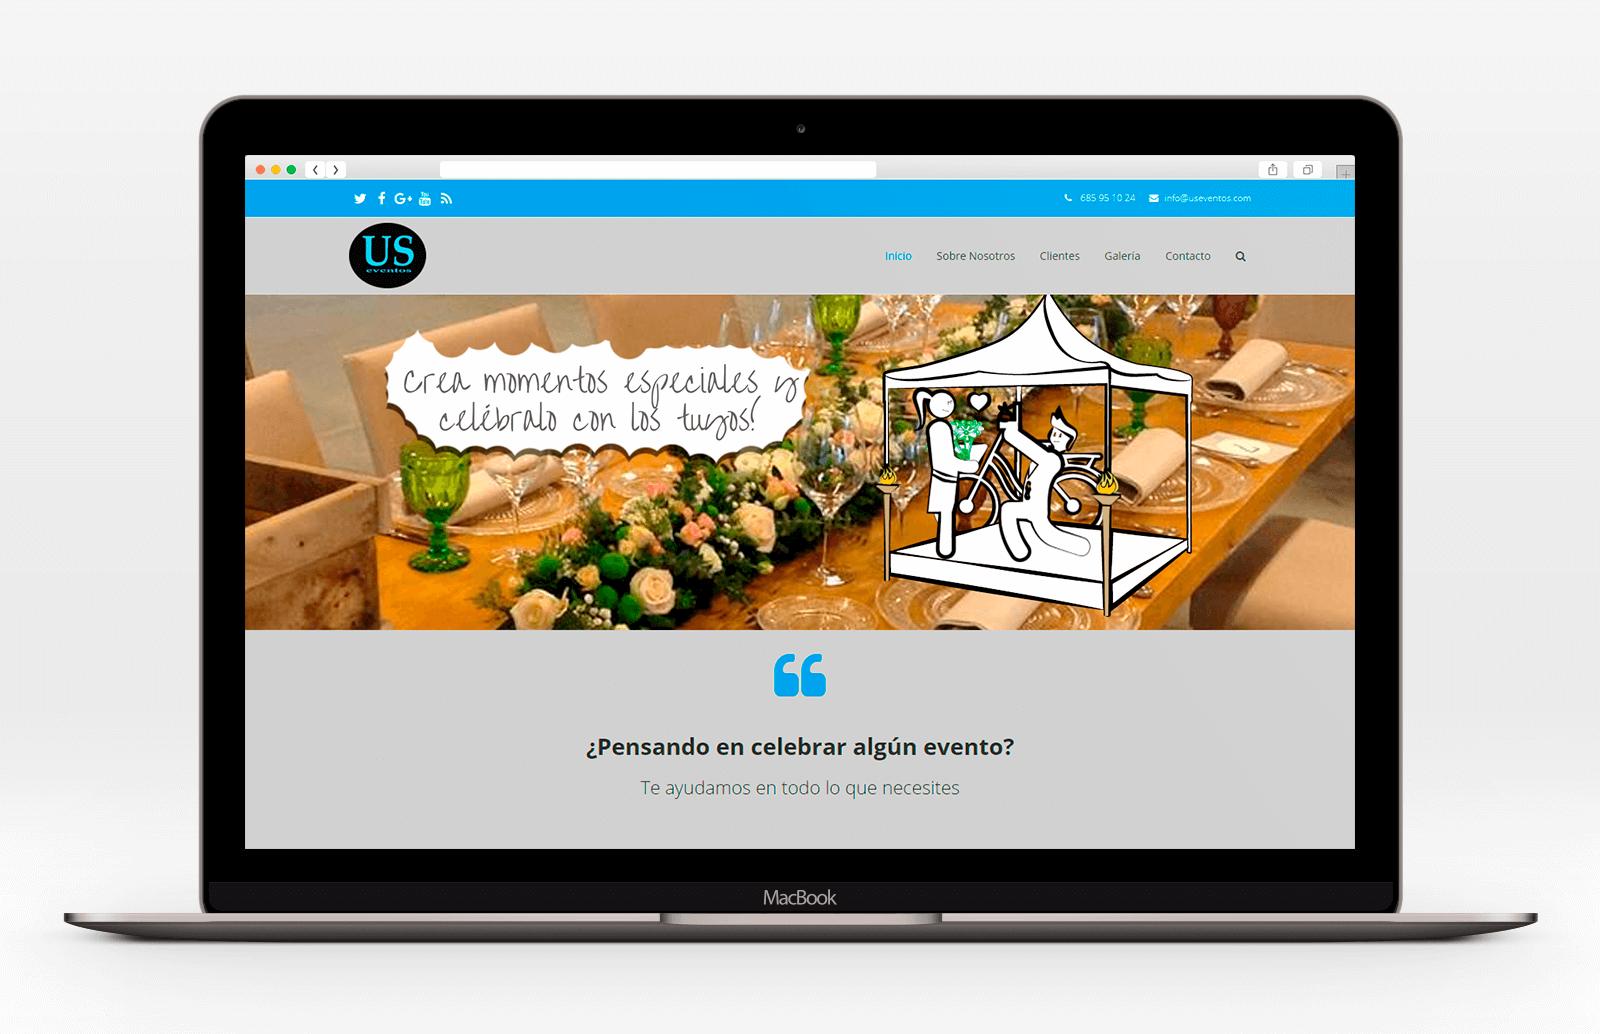 useventos.com